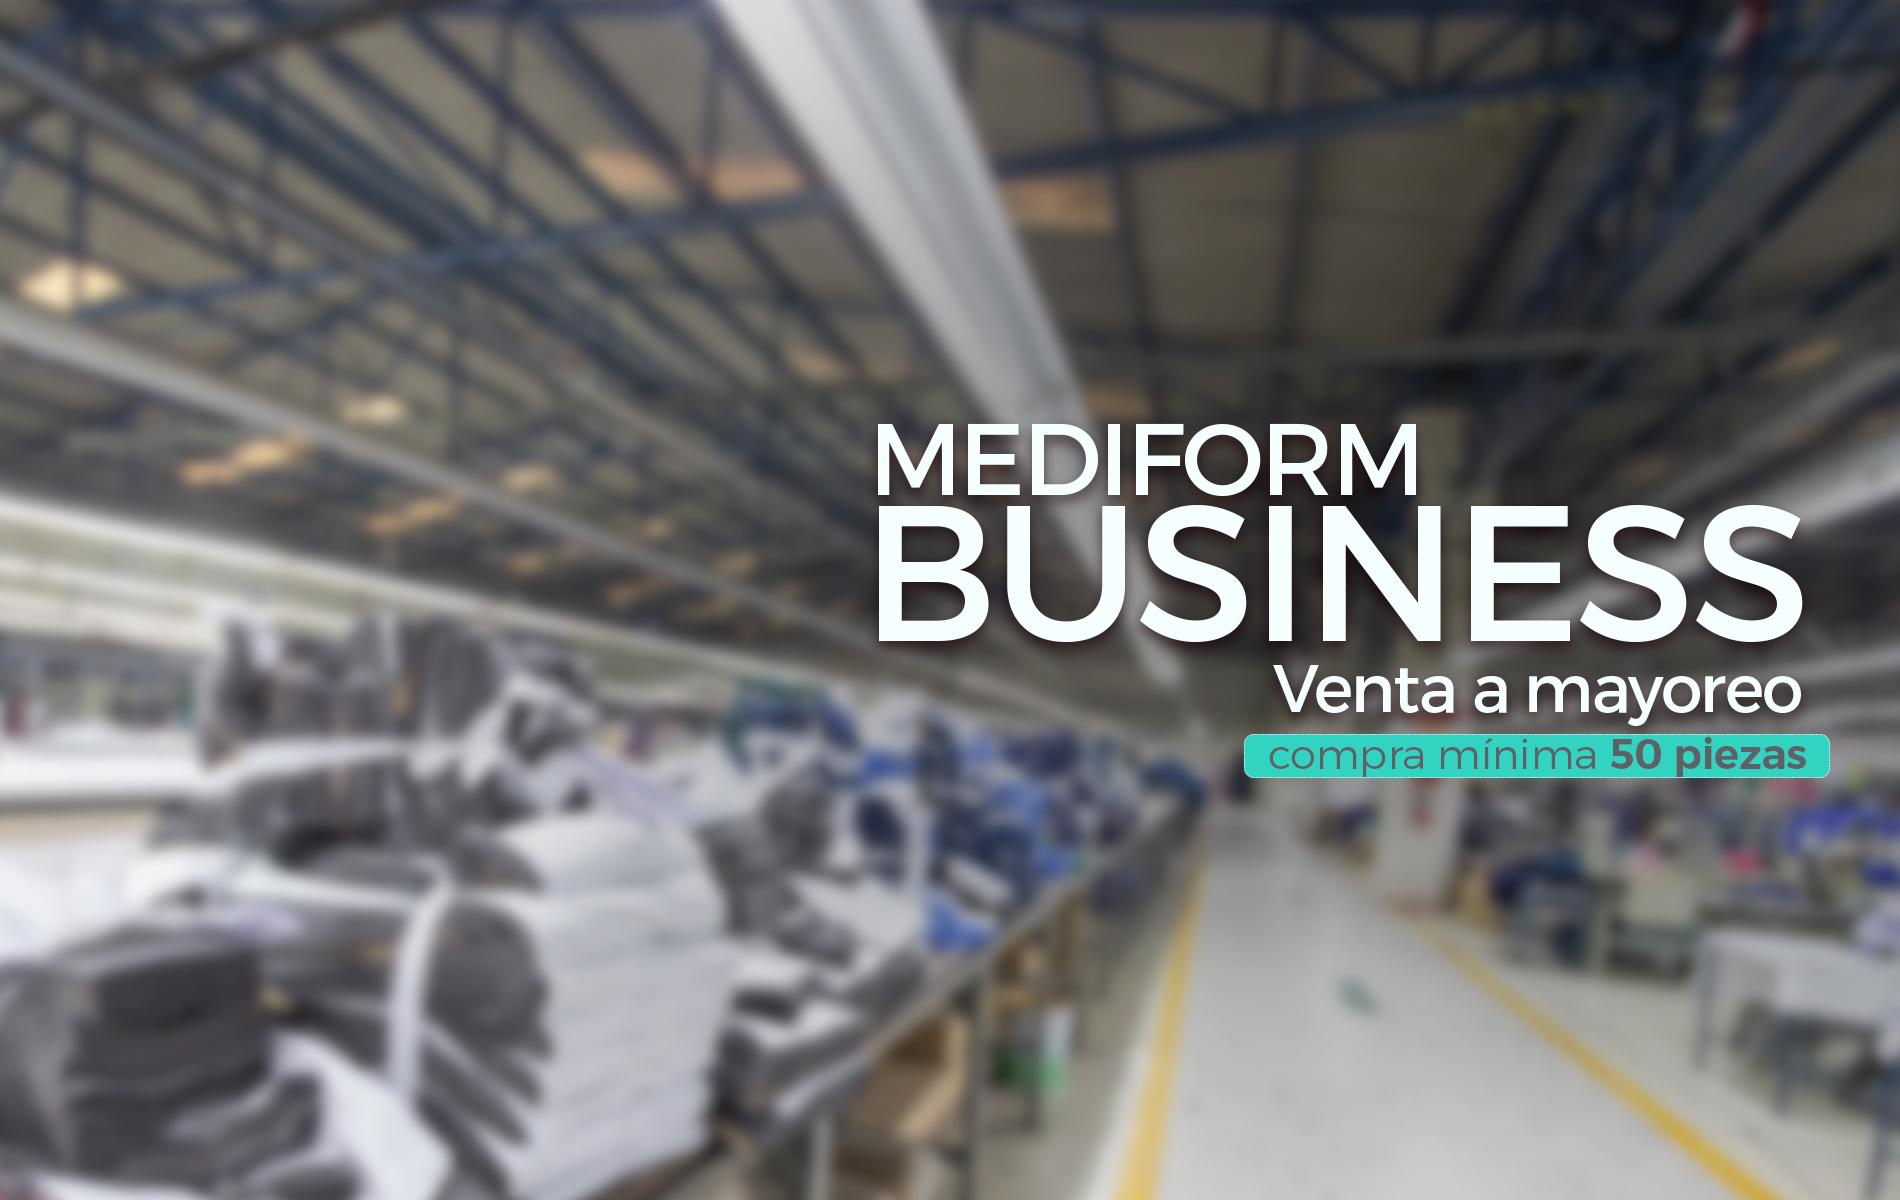 Mediform business main slide